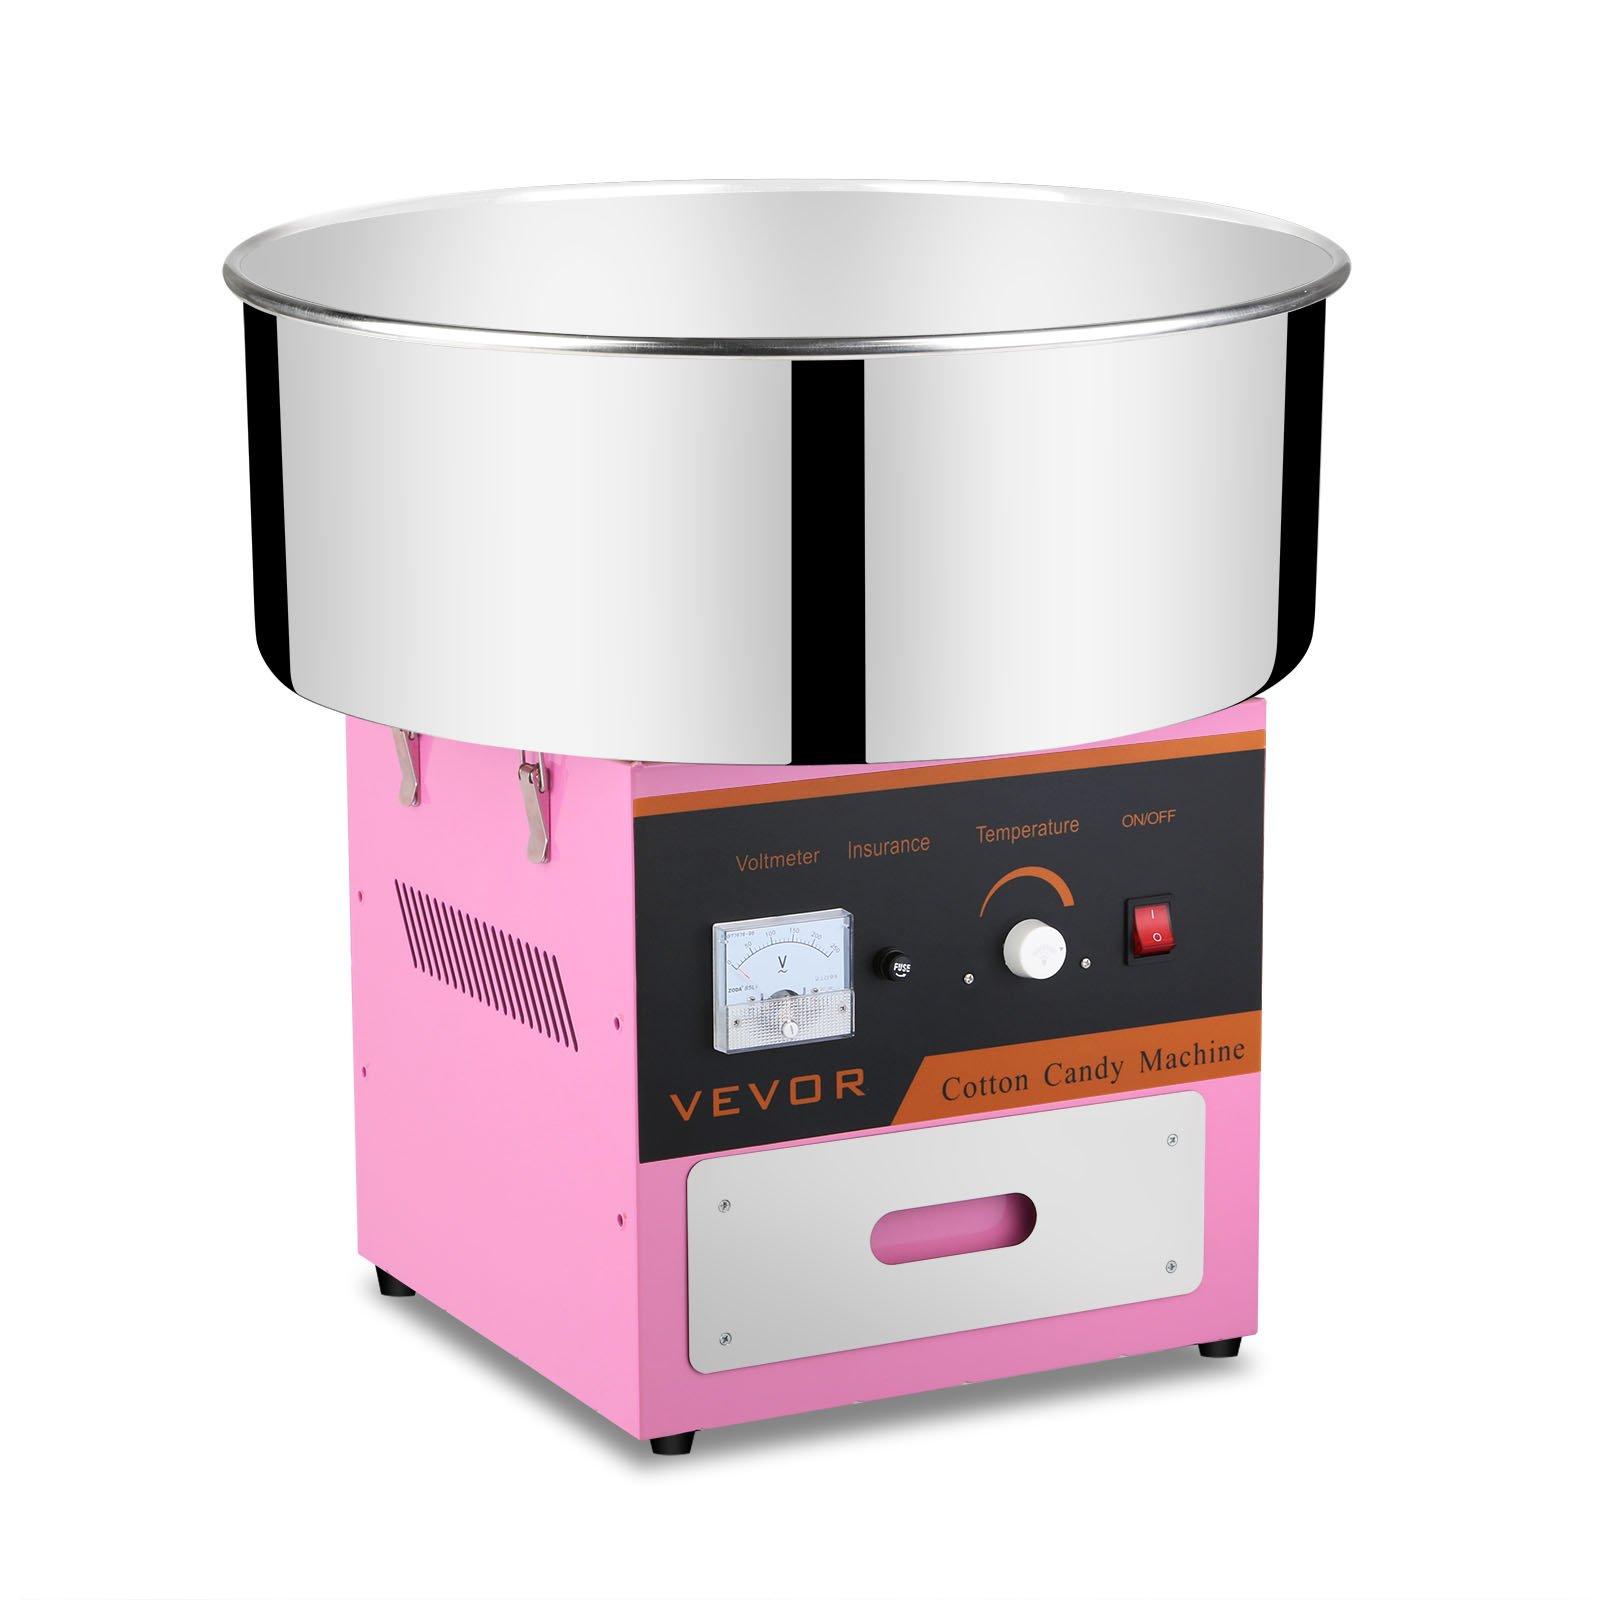 Autovictoria Máquina de Algodón de Azúcar Acero Inoxidable Máquina Eléctrica para hacer Algodón de Azúcar Cotton Candy Machine Commercial: Amazon.es: Hogar